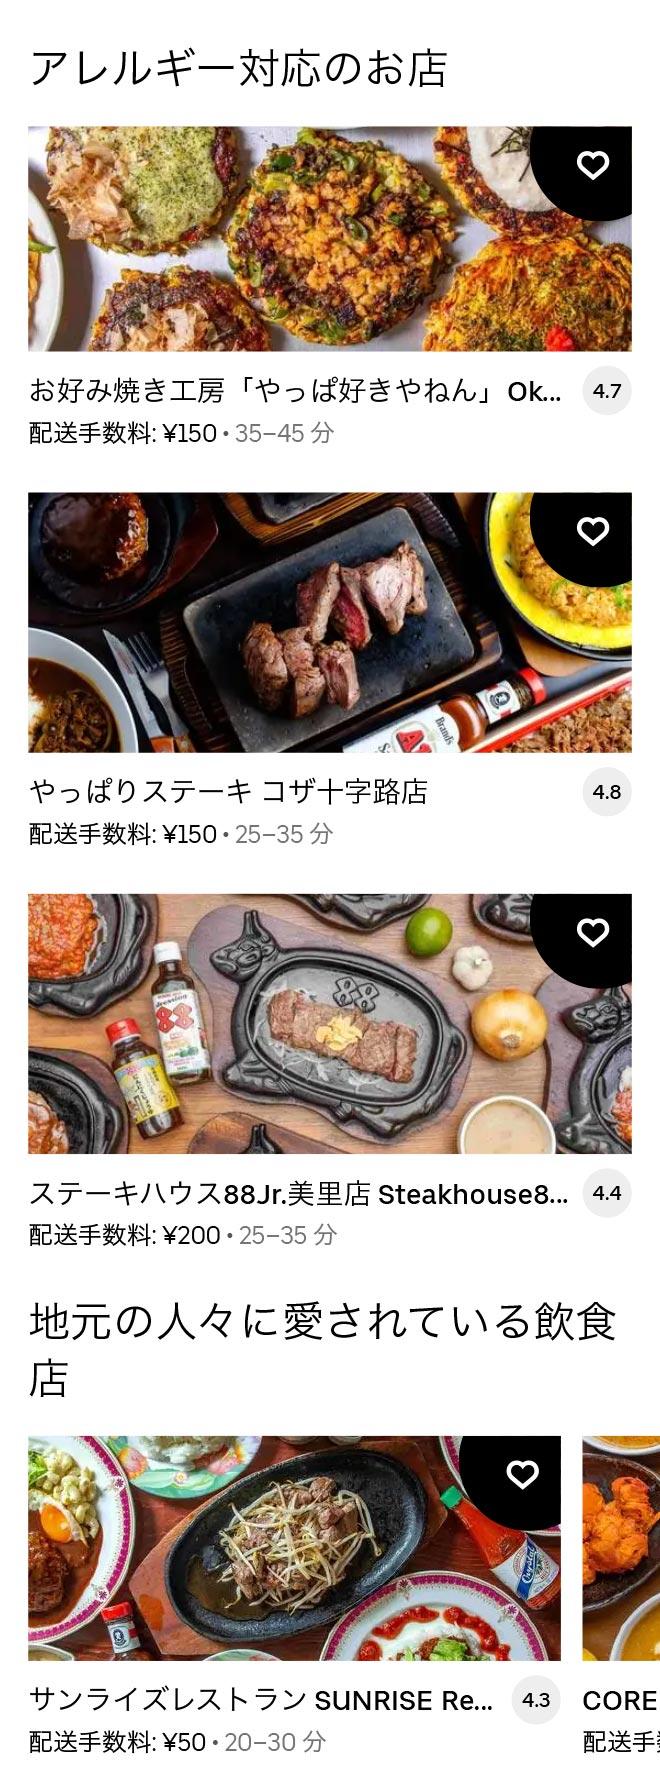 U okinawa 2105 04